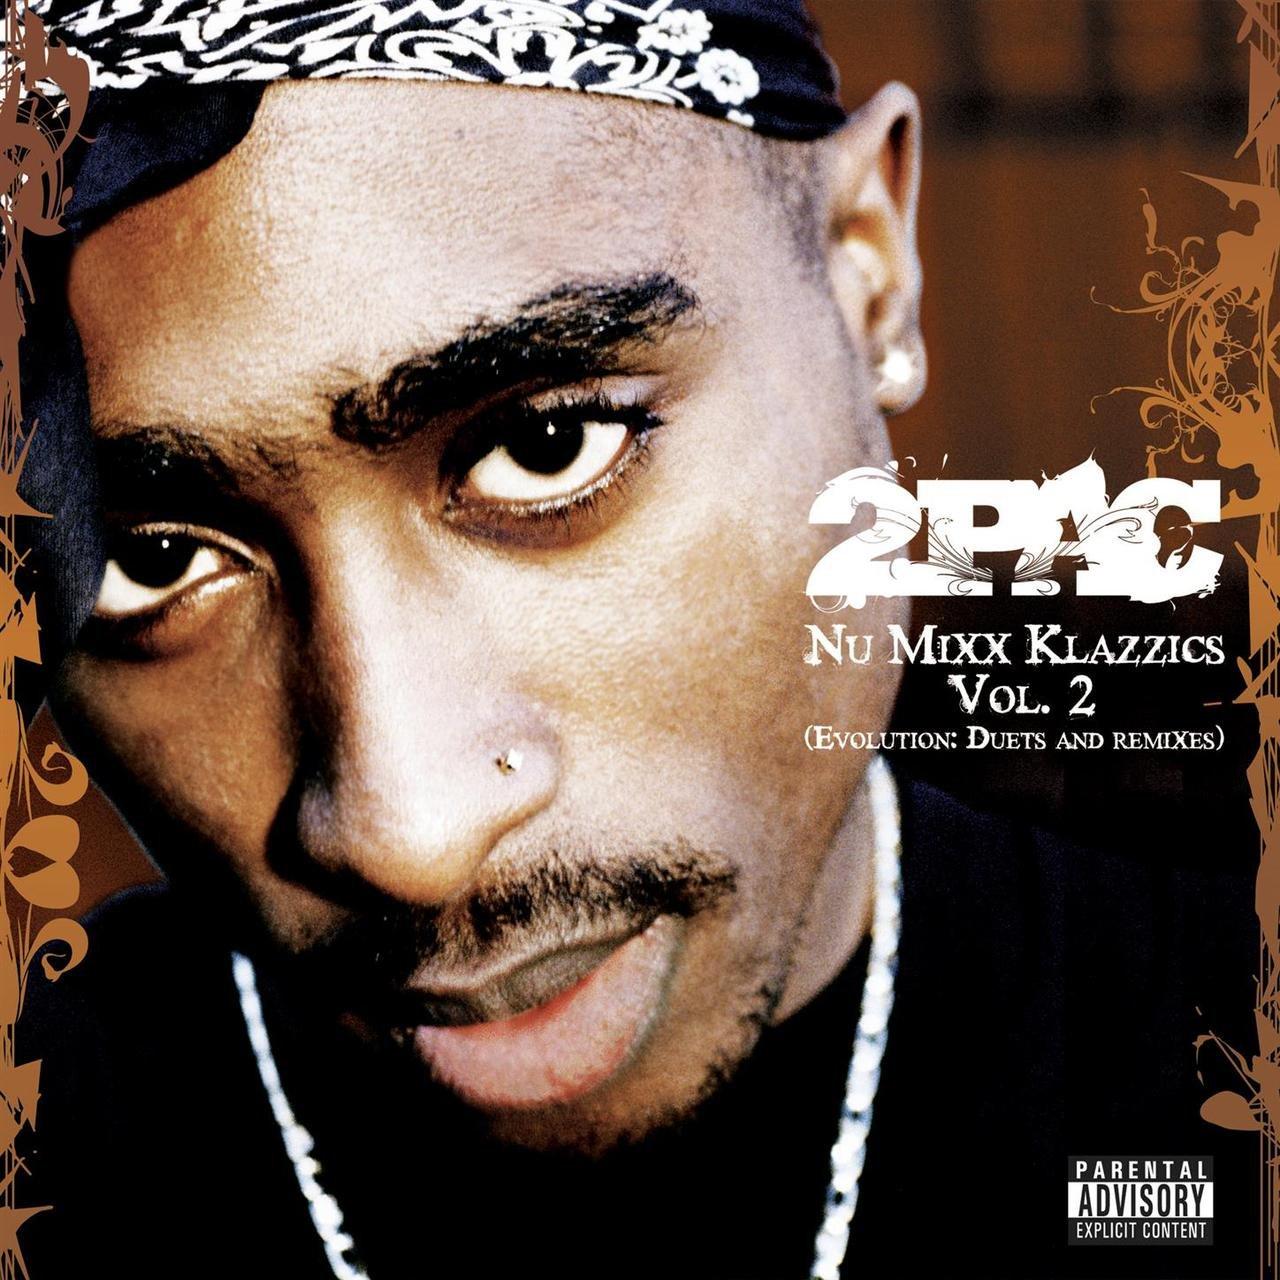 2Pac - Nu Mixx Klazzics Vol. 2 (Evolution: Duets And Remixes)